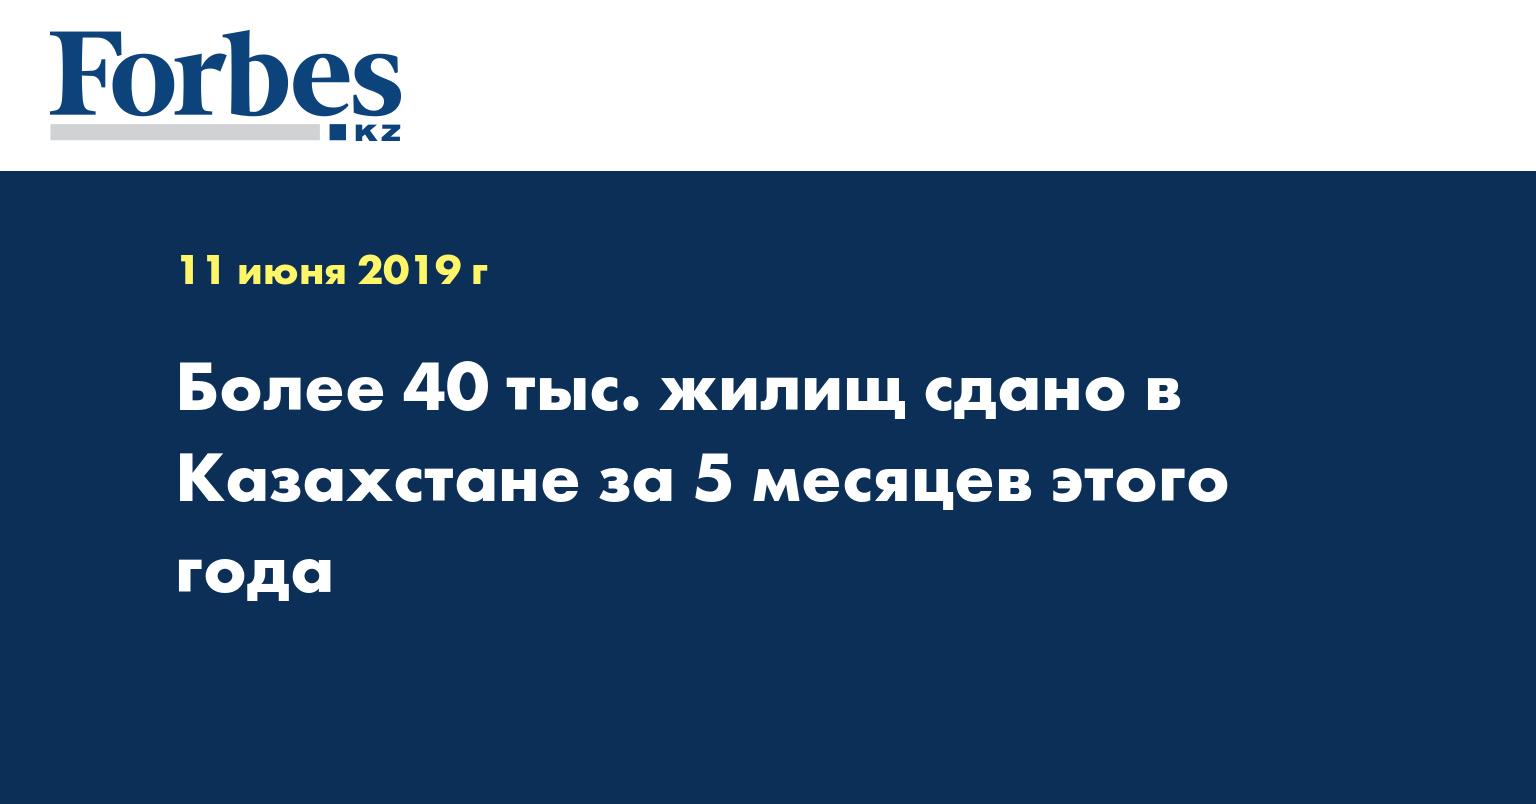 Более 40 тыс. жилищ сдано в Казахстане за 5 месяцев этого года